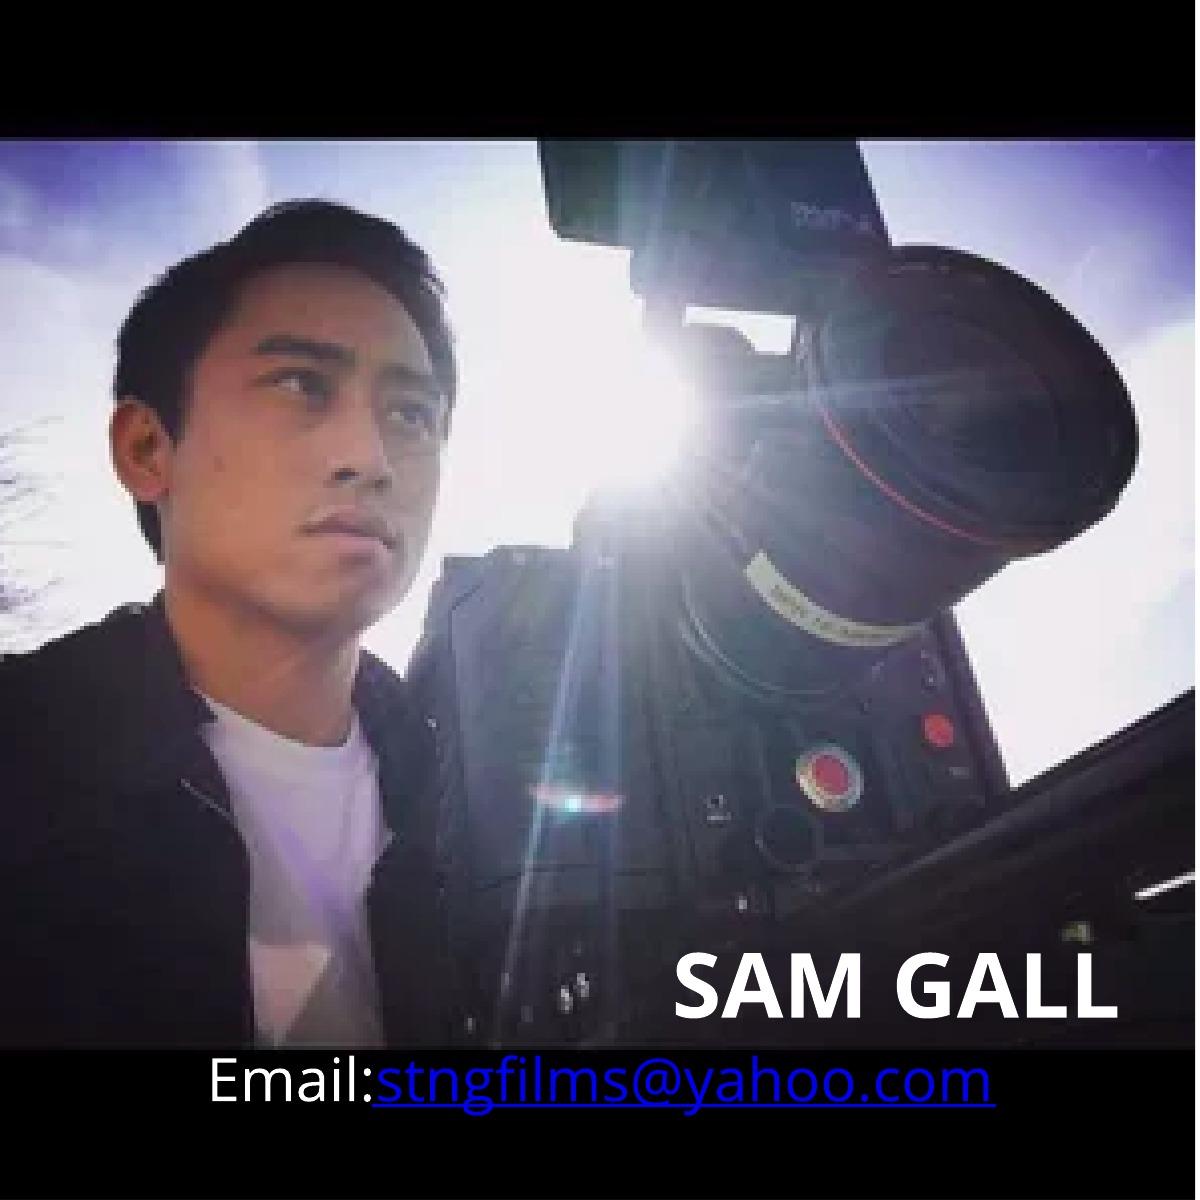 SAM GALL | Filmmaker